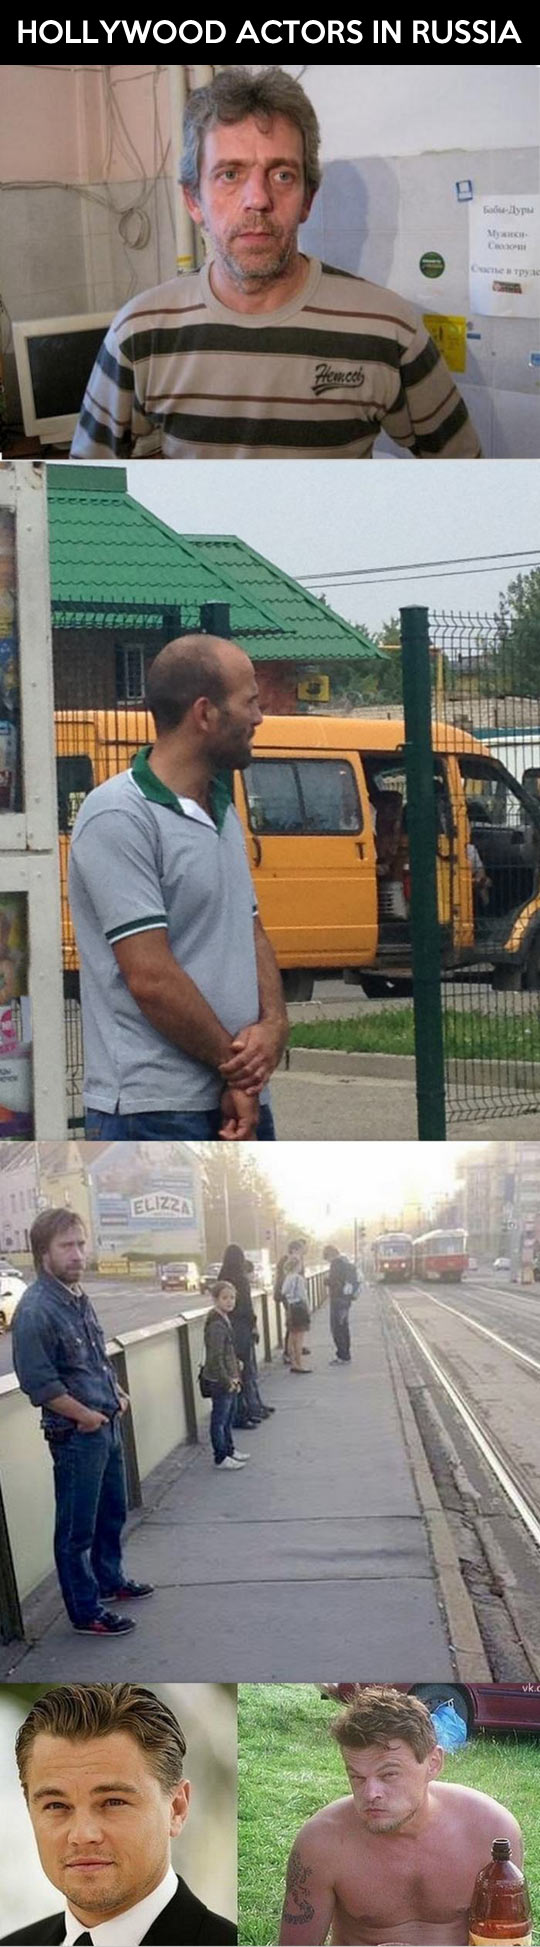 funny-actors-Russia-Chuck-Norris